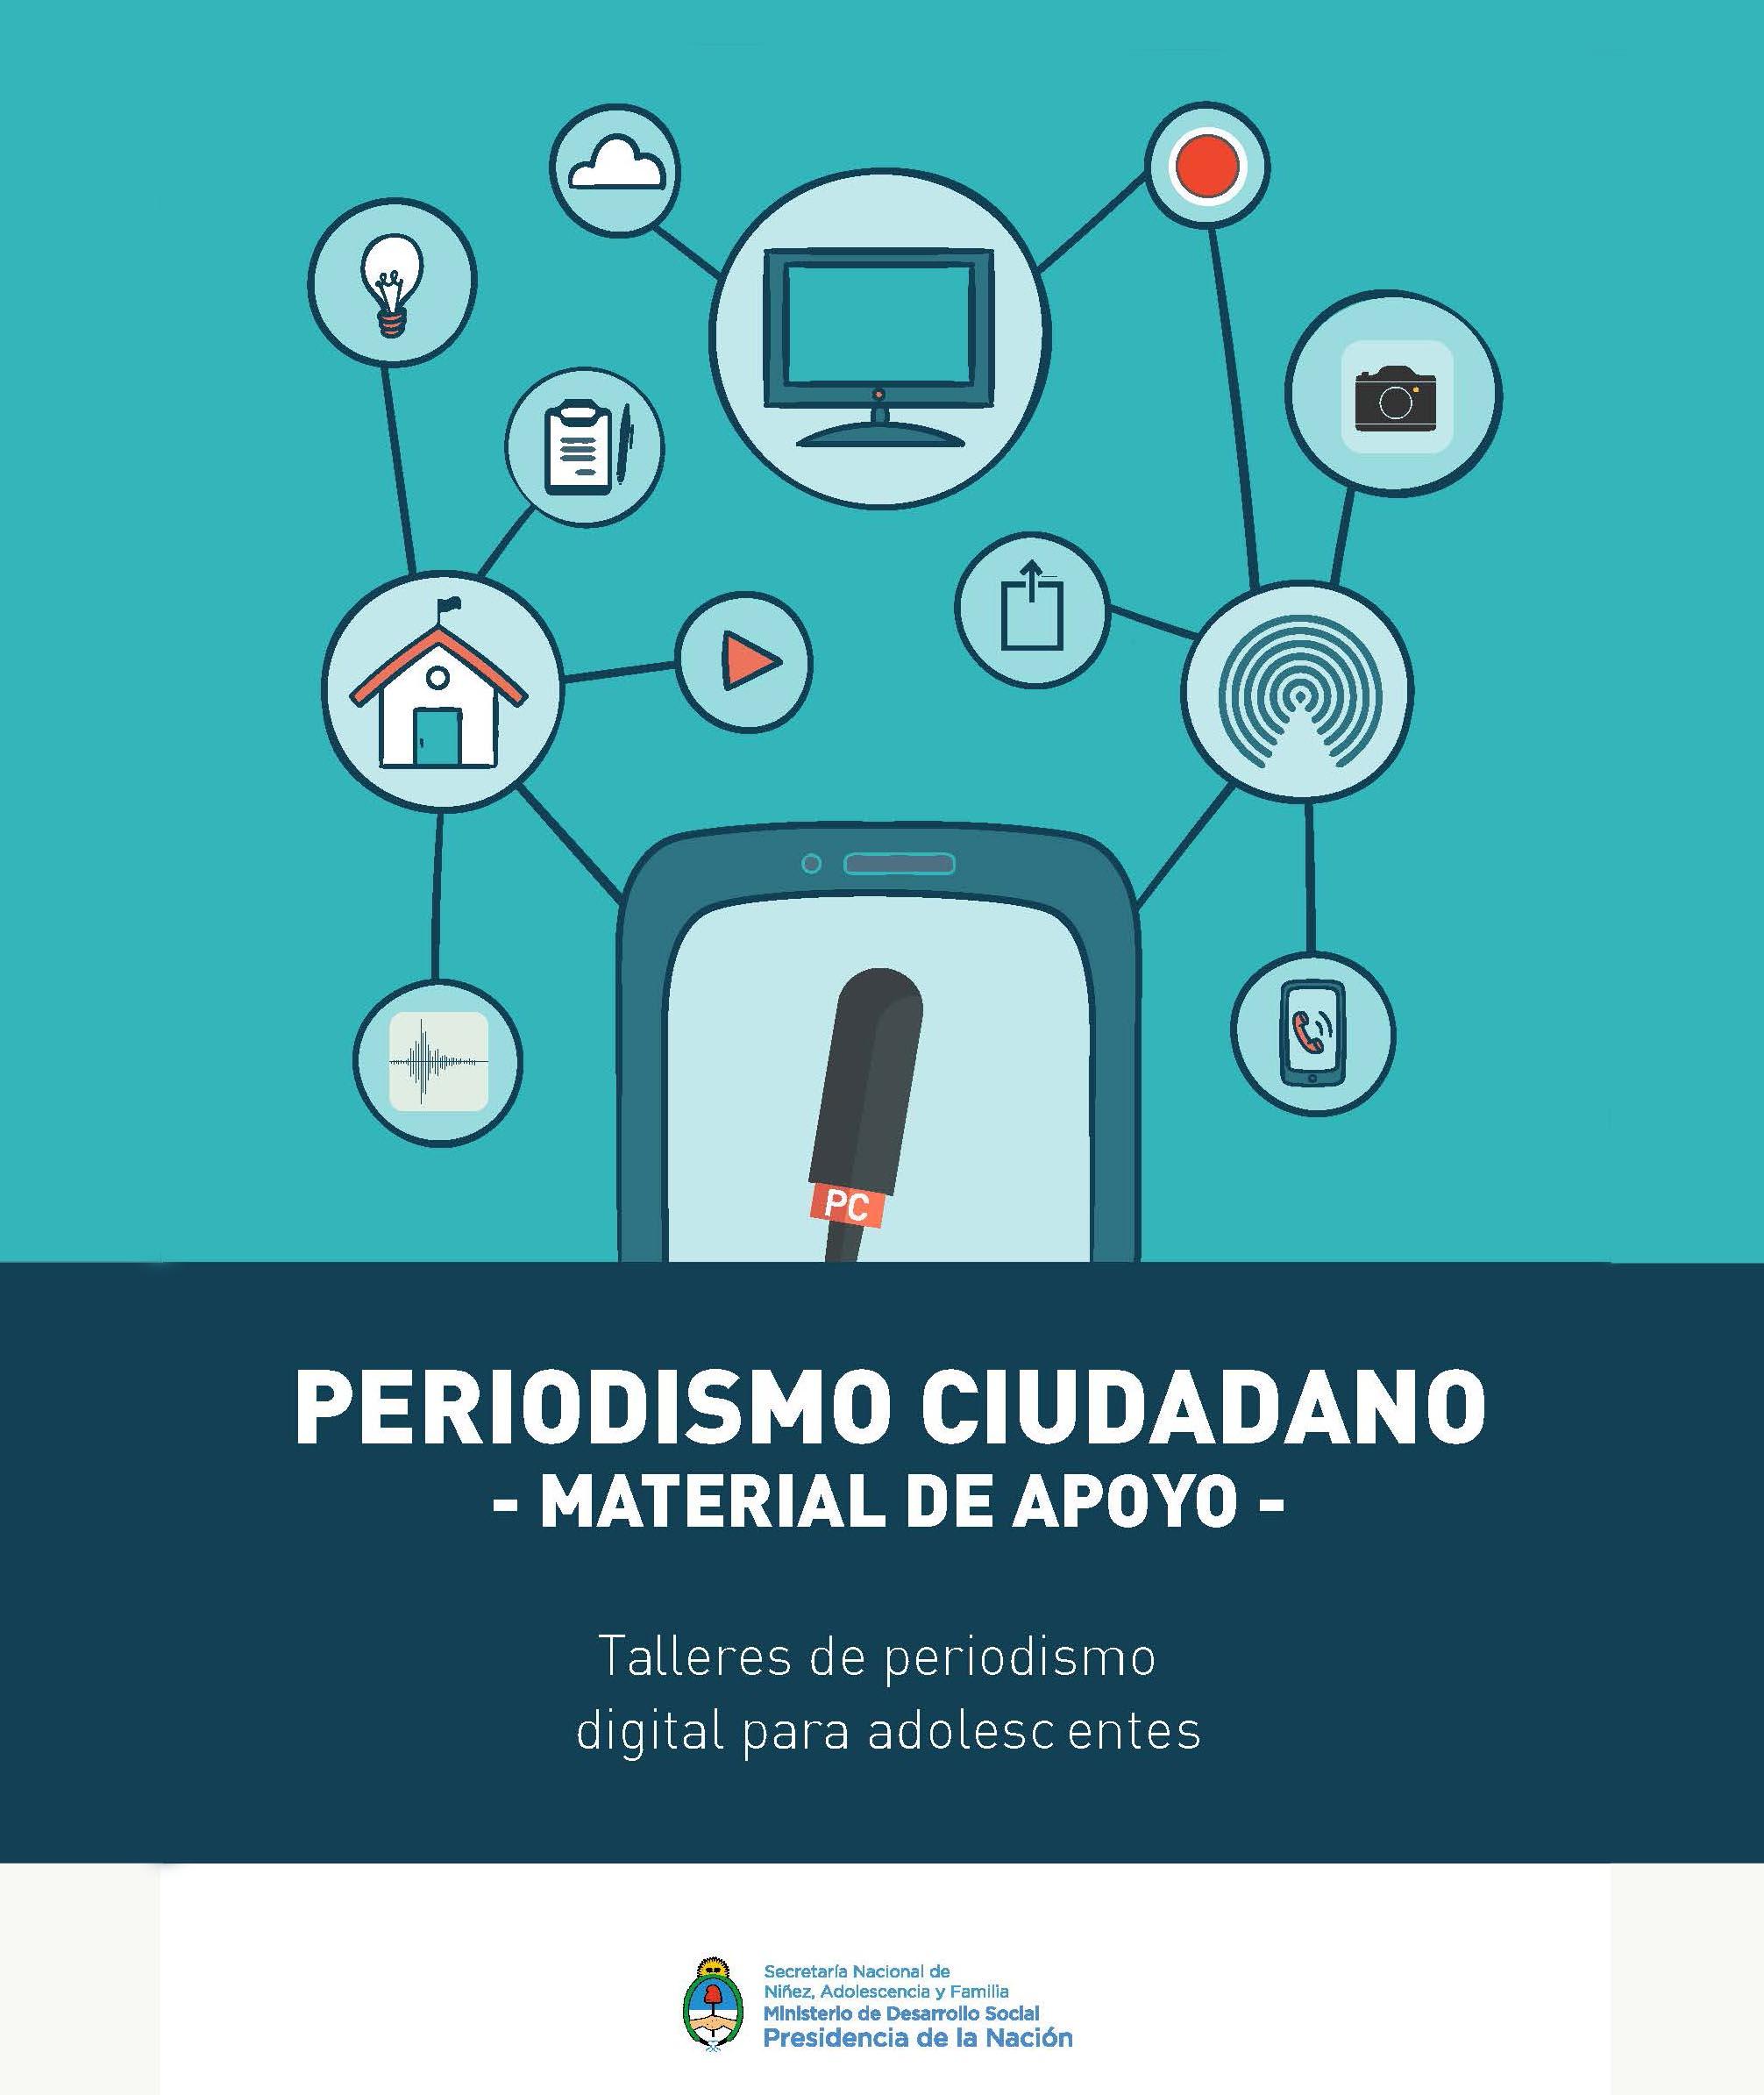 Imagen ilustrativa del cuadernillo de Periodismo Ciudadano